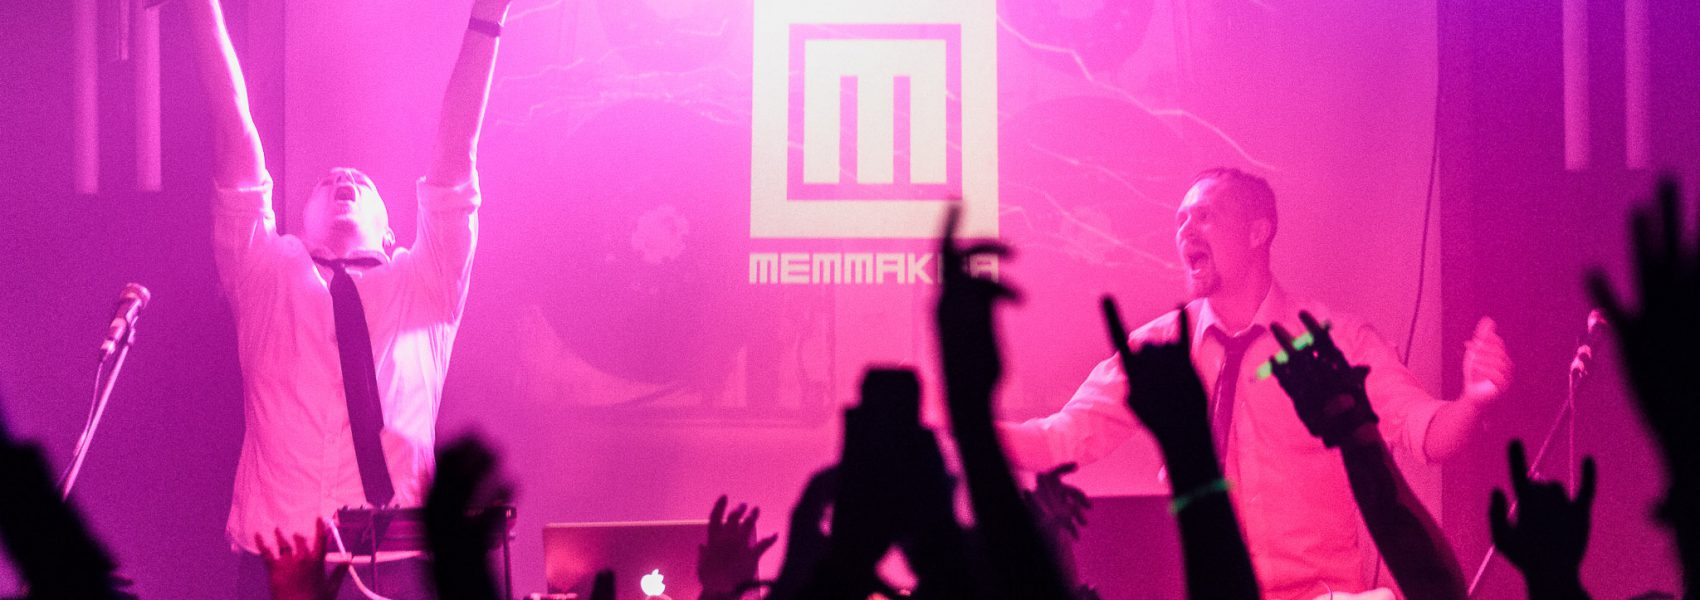 Memmaker (DK)